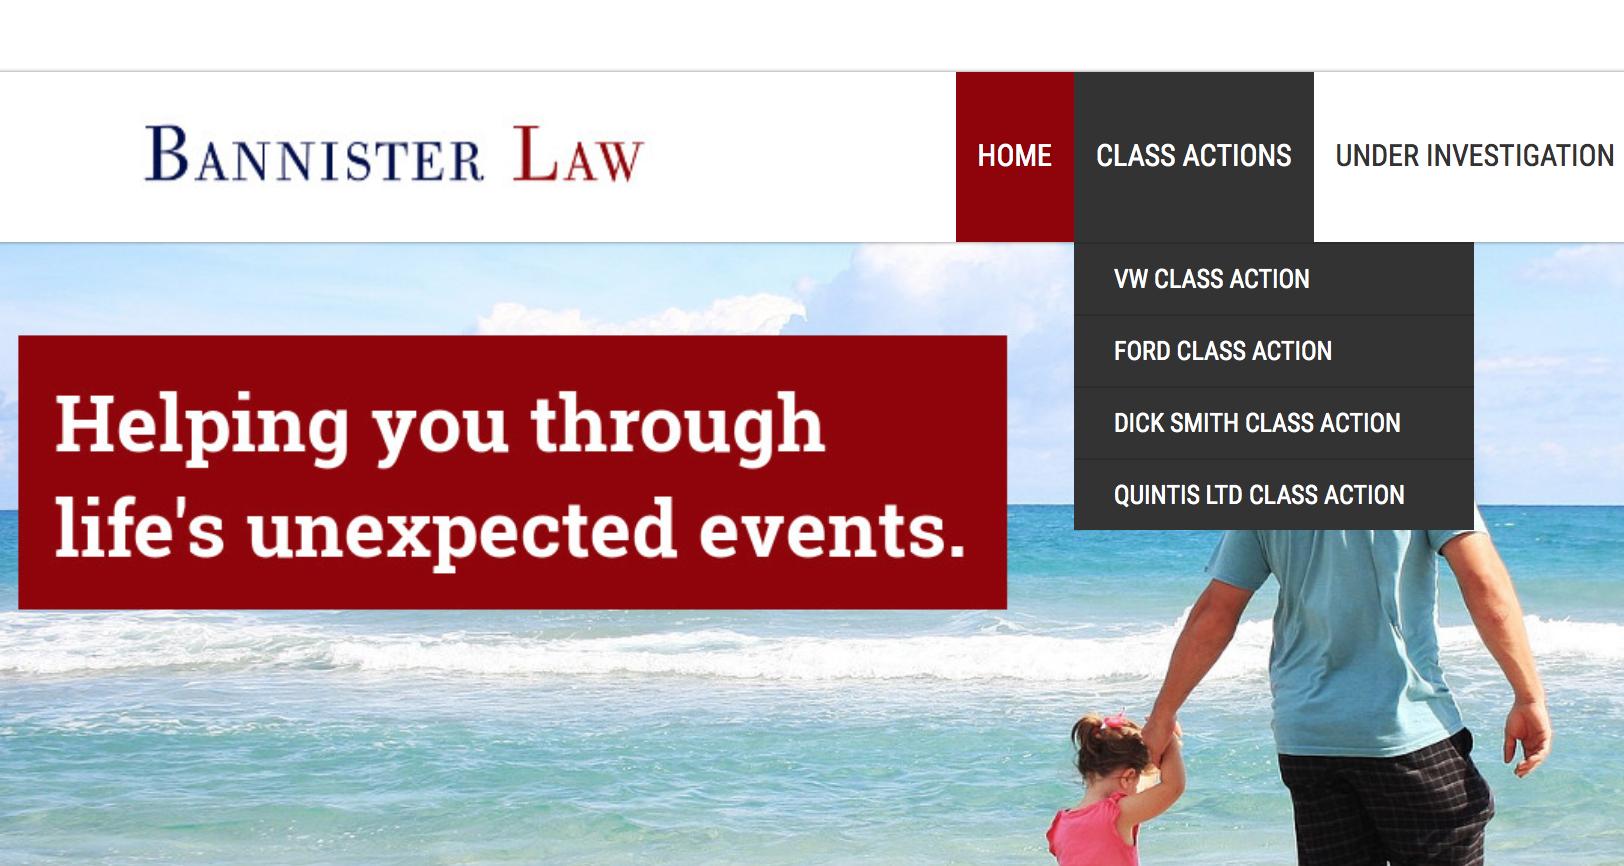 vw class action australia bannister law